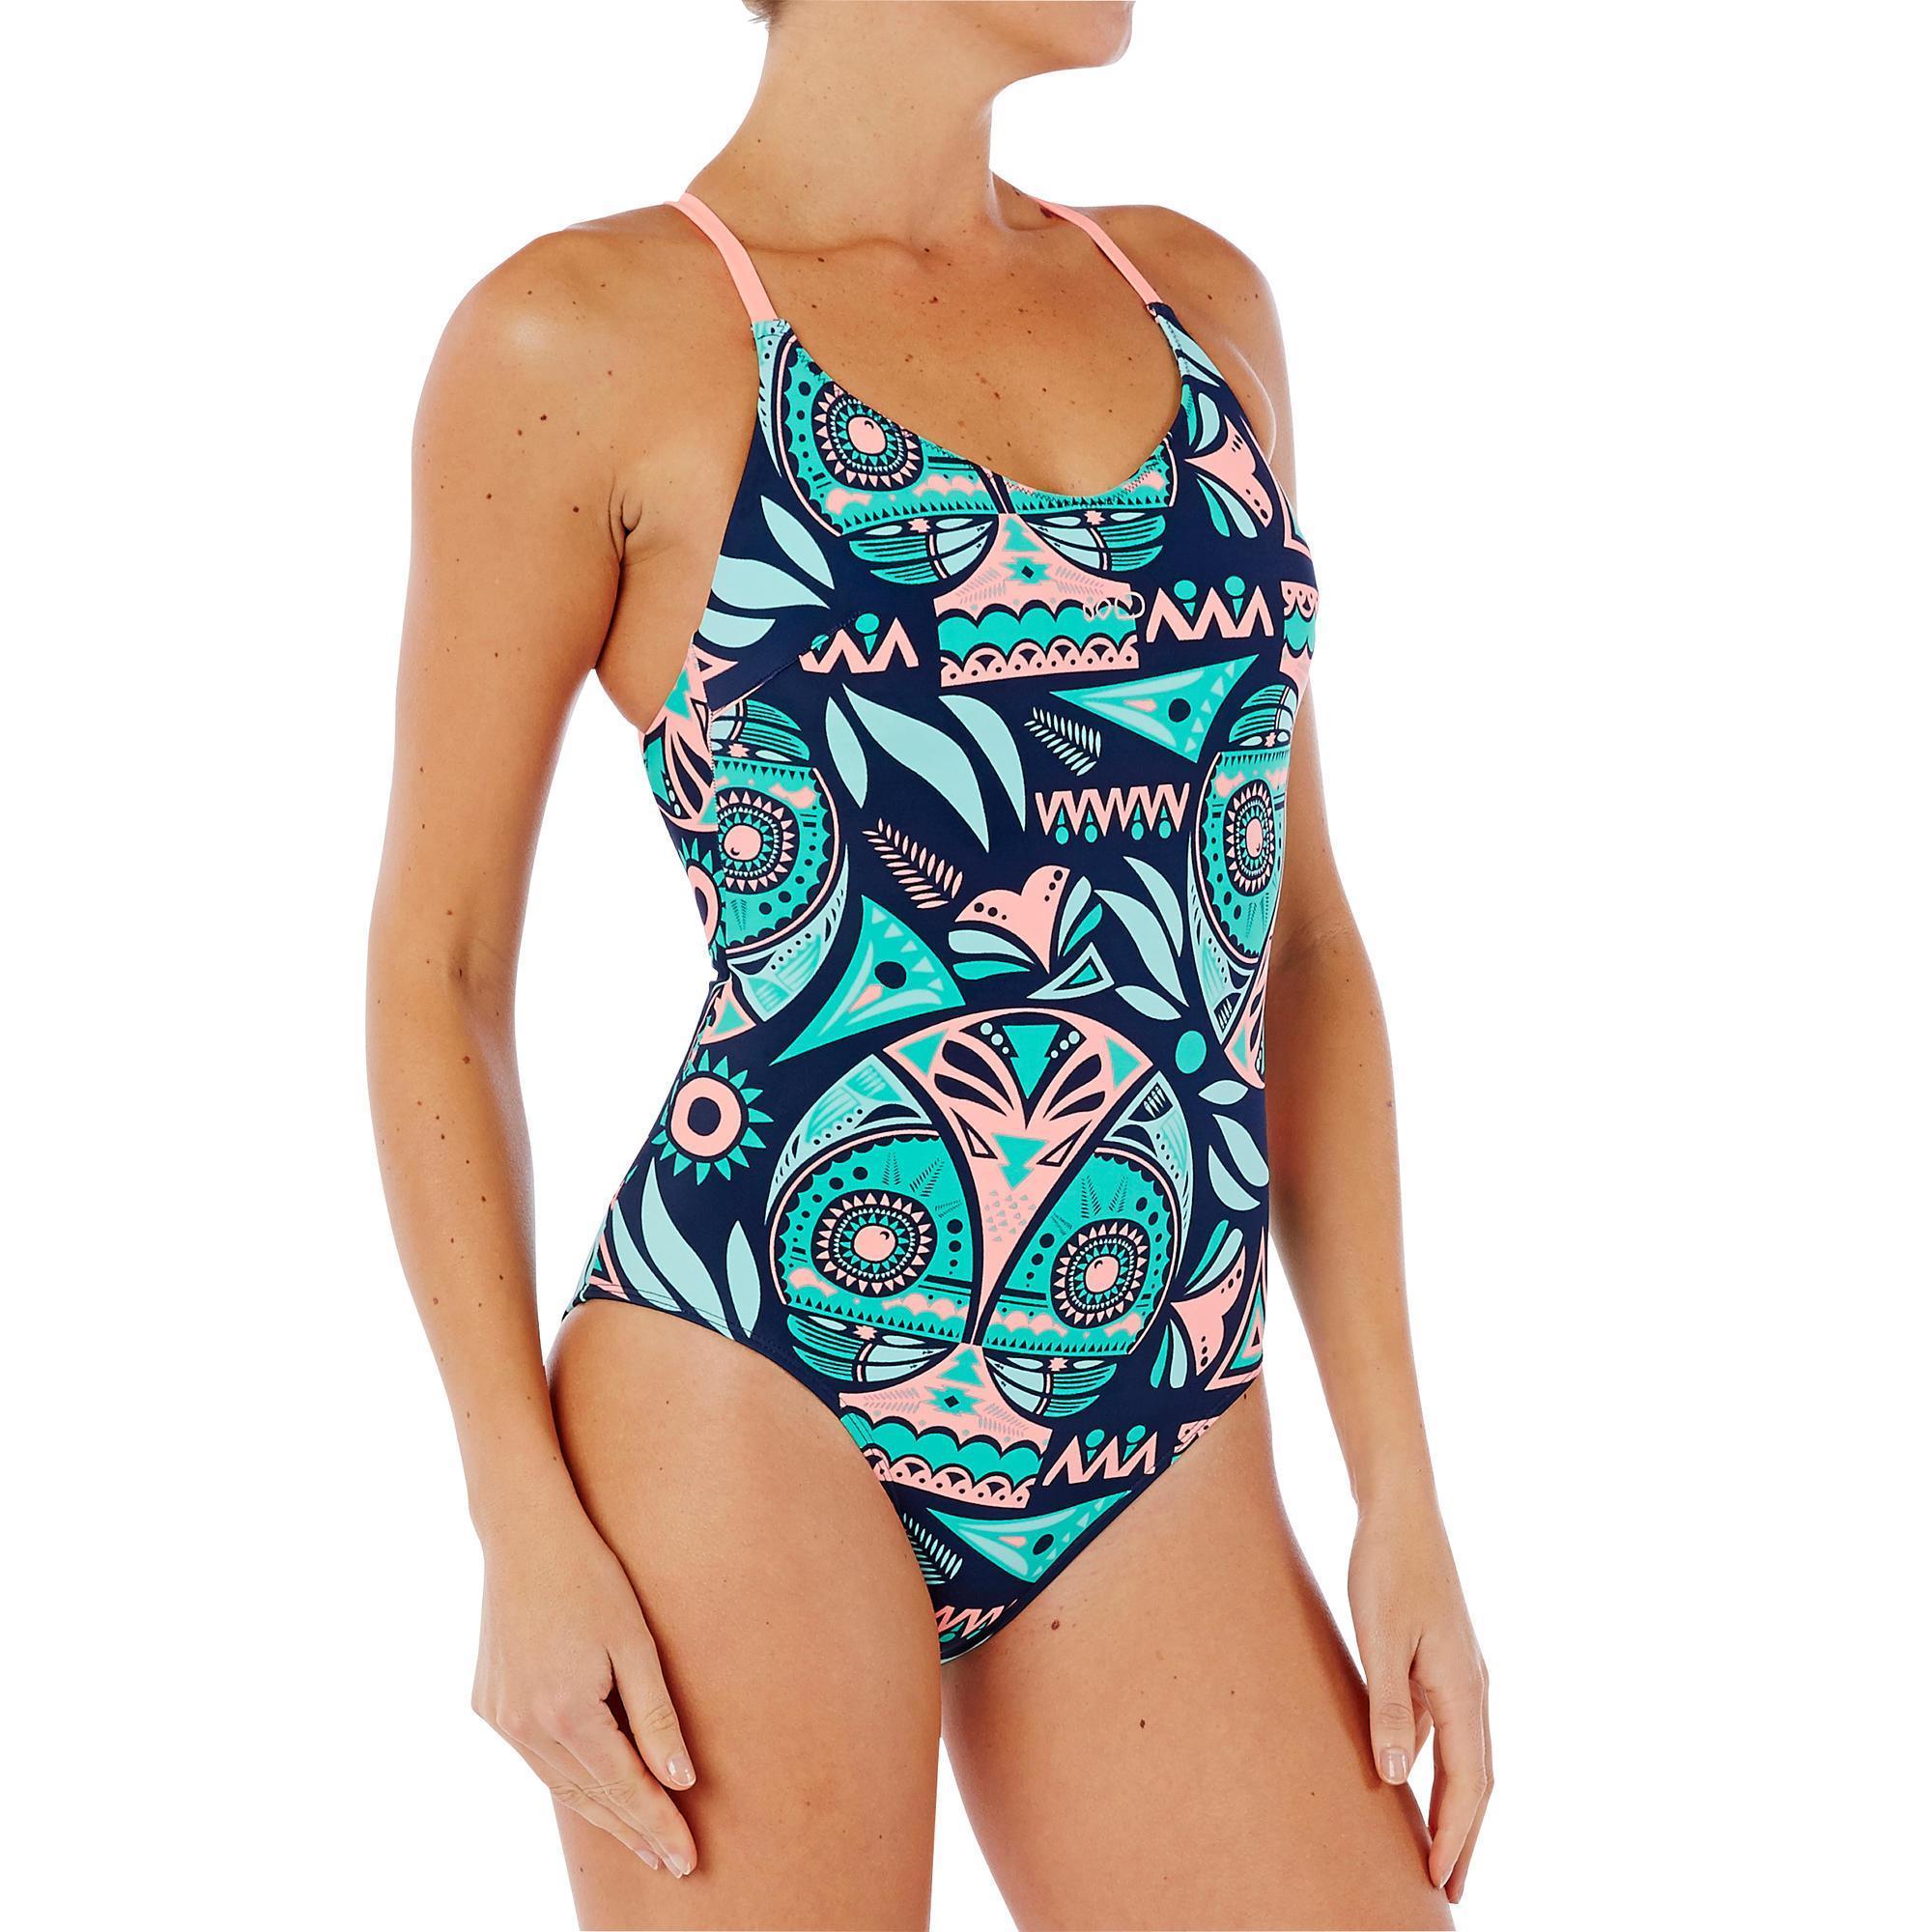 Schwimmanzüge, Sportbikinis Damen   Sport erleben   DECATHLON 79297dd668